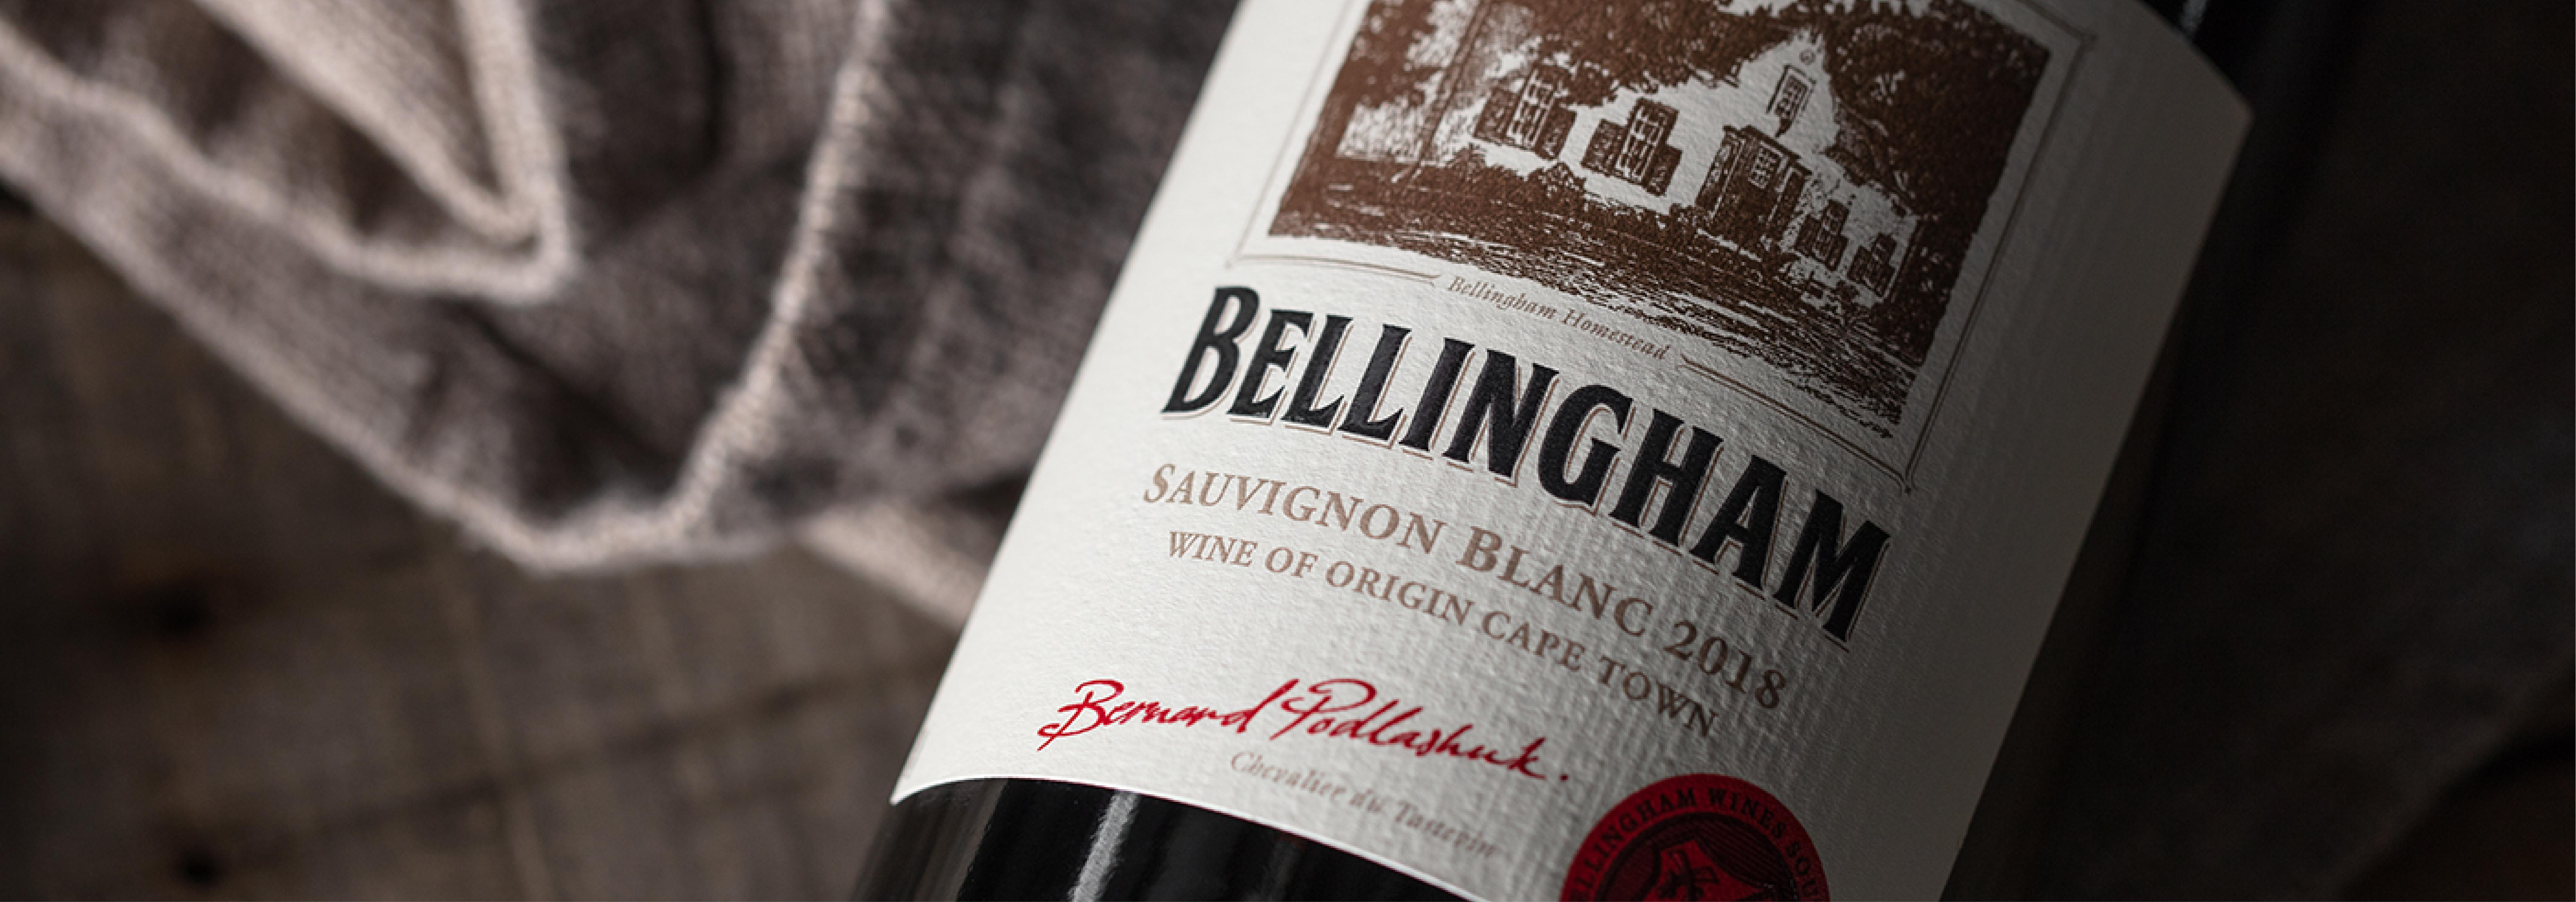 Foto van een Bellingham fles